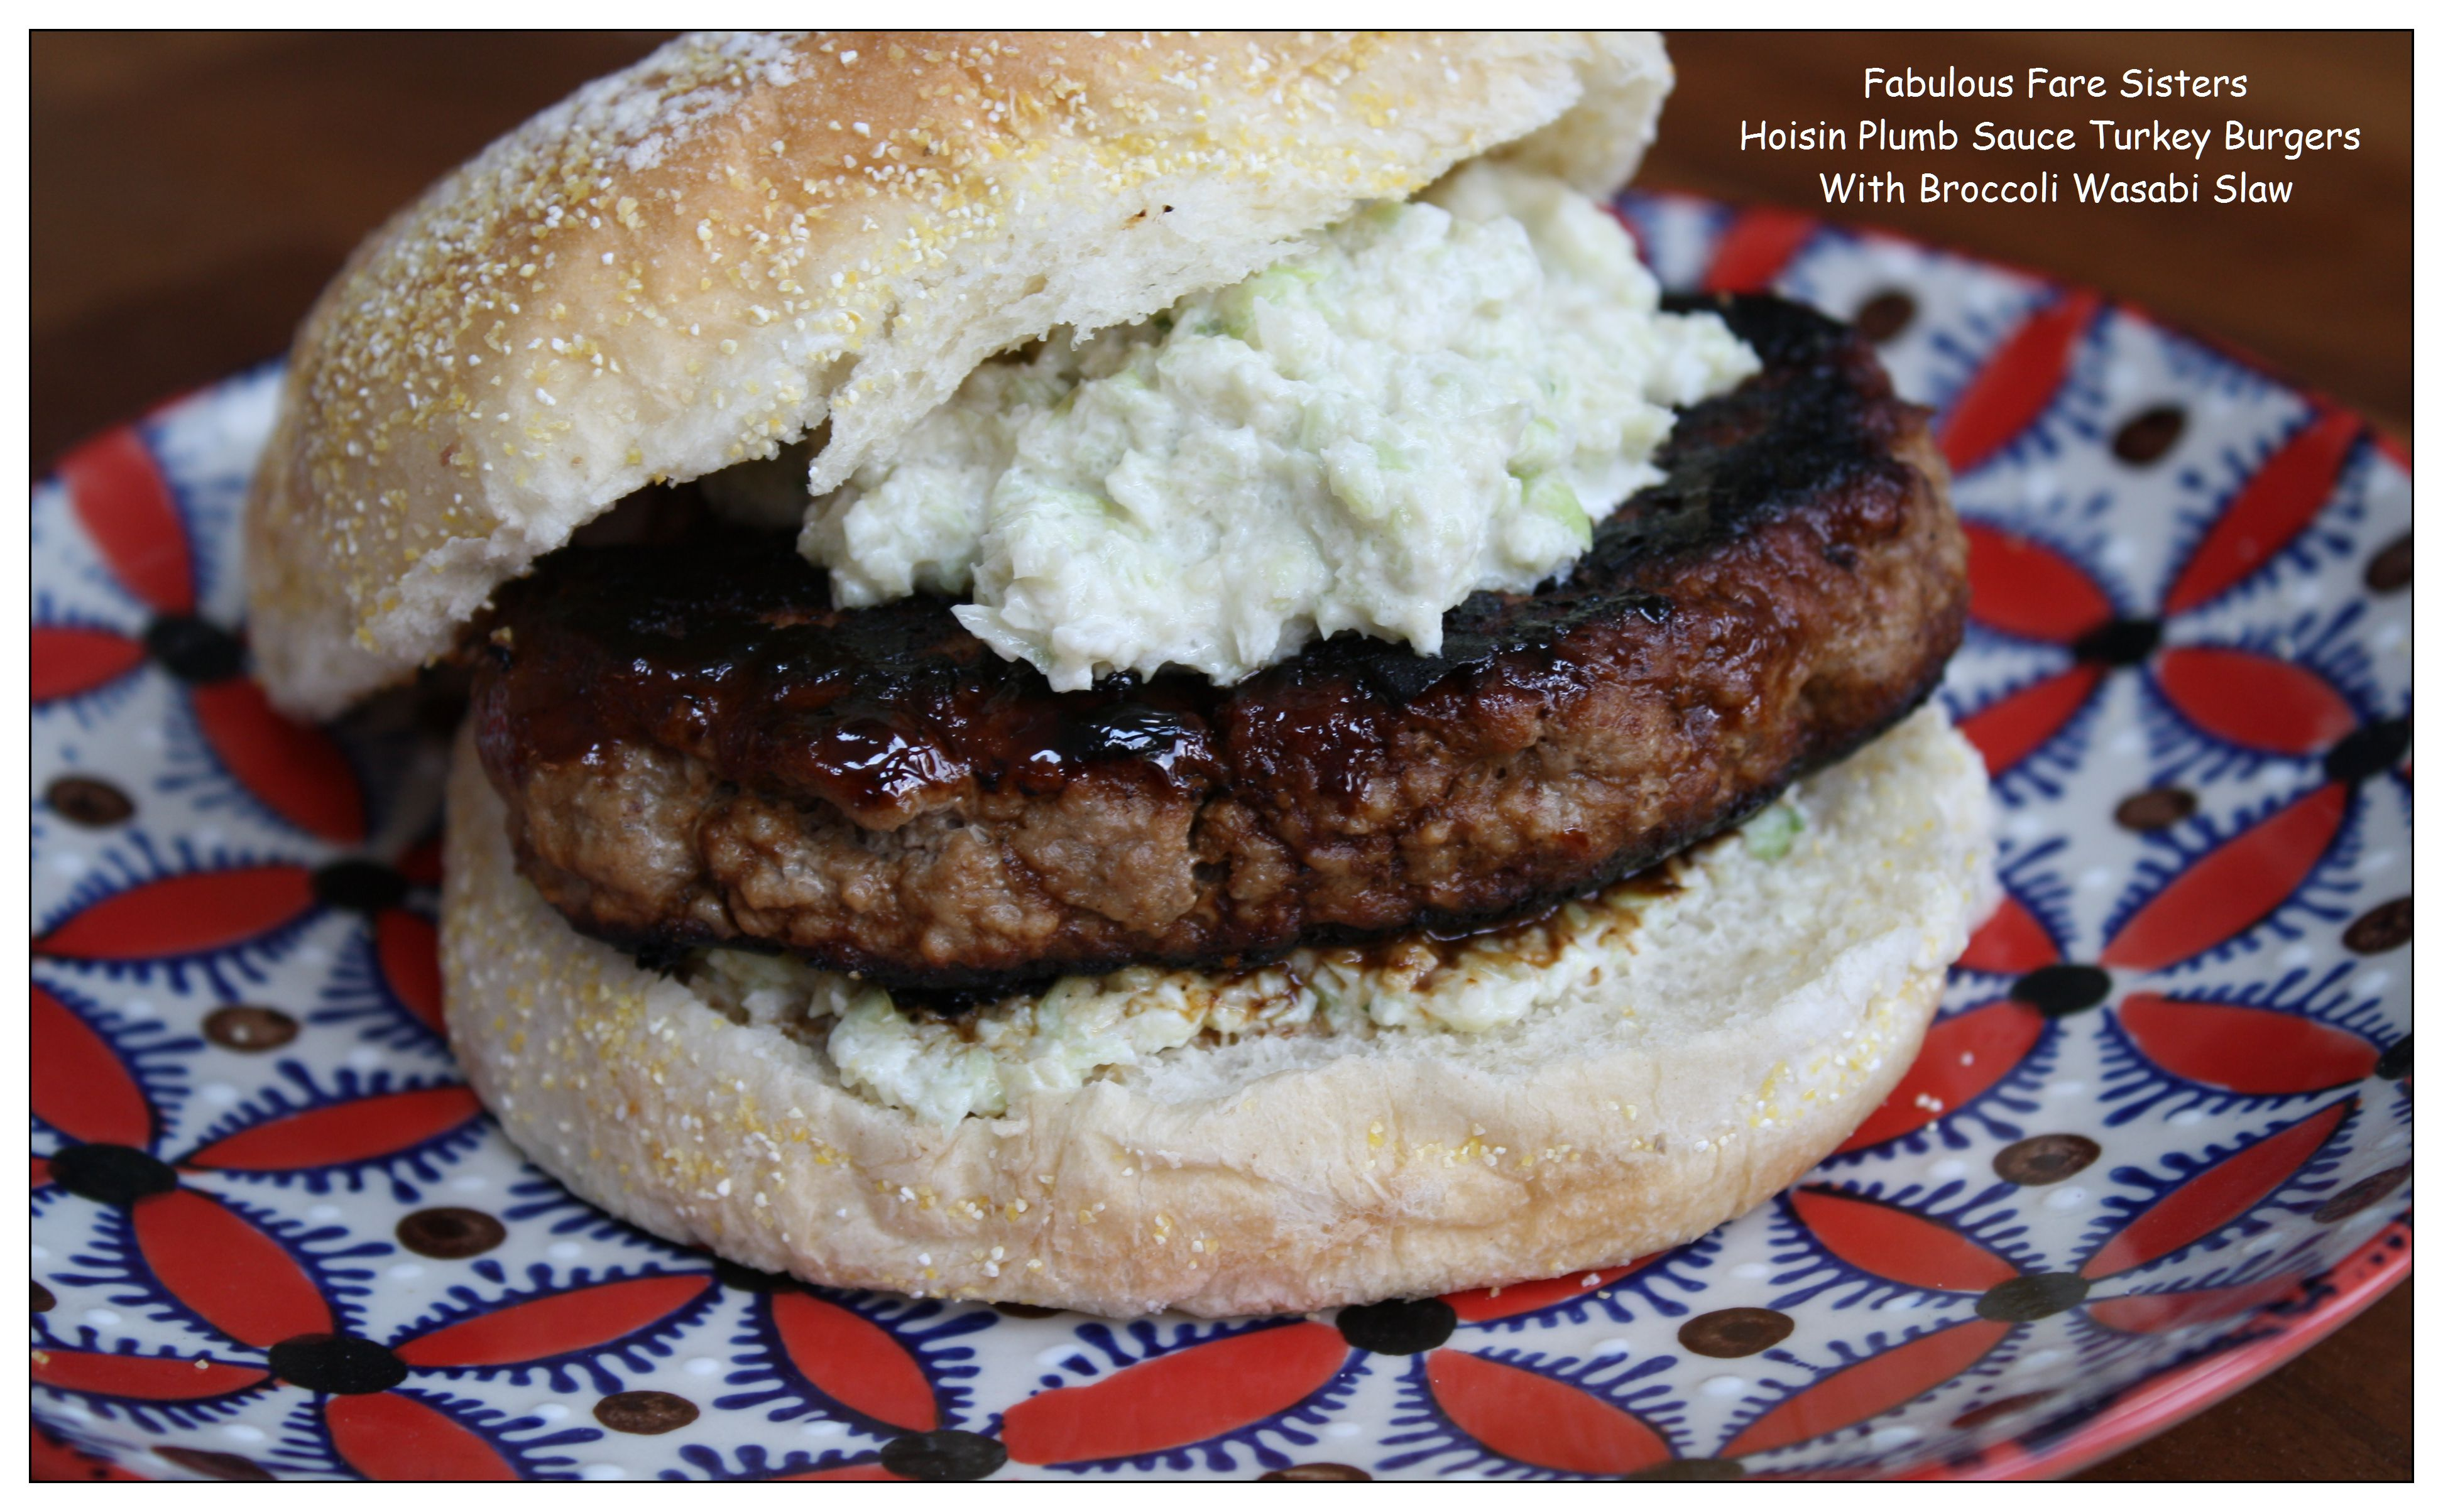 Hoisin Plumb Sauce Turkey Burgers With Broccoli Wasabi Slaw